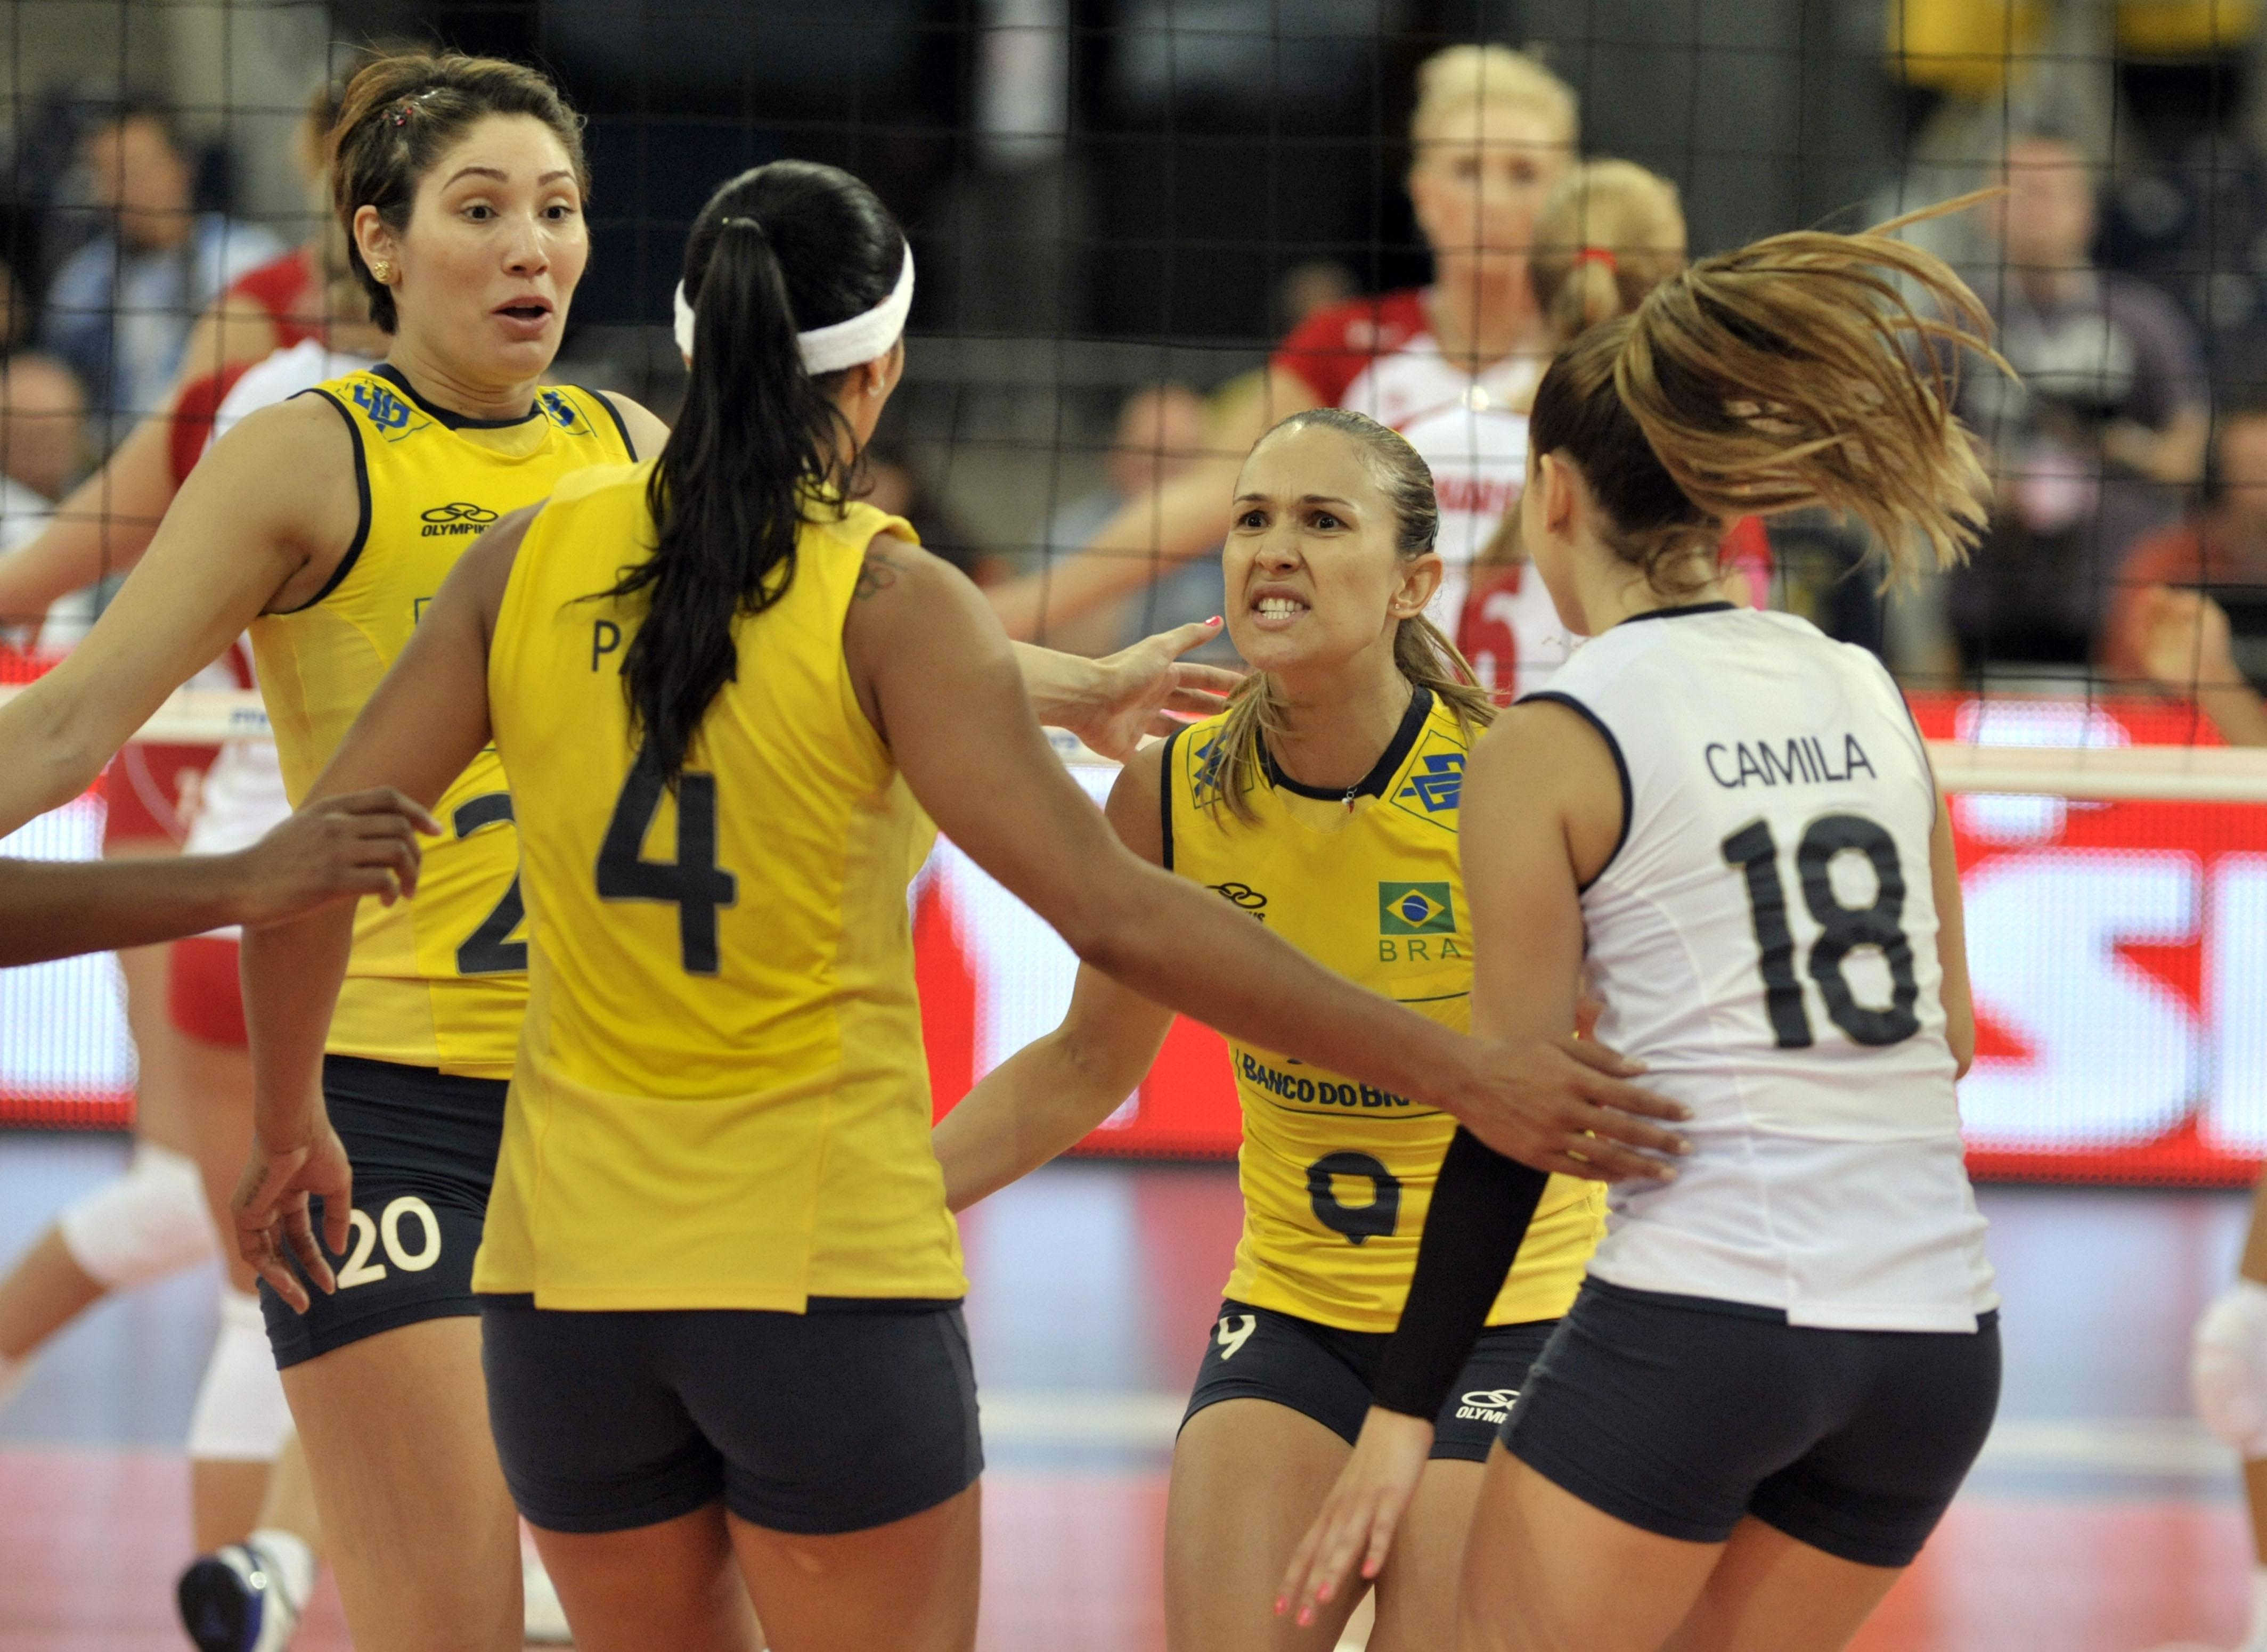 Capa da notícia - GRAND PRIX 2012: Brasil vence a Polônia e mantém a invencibilidade